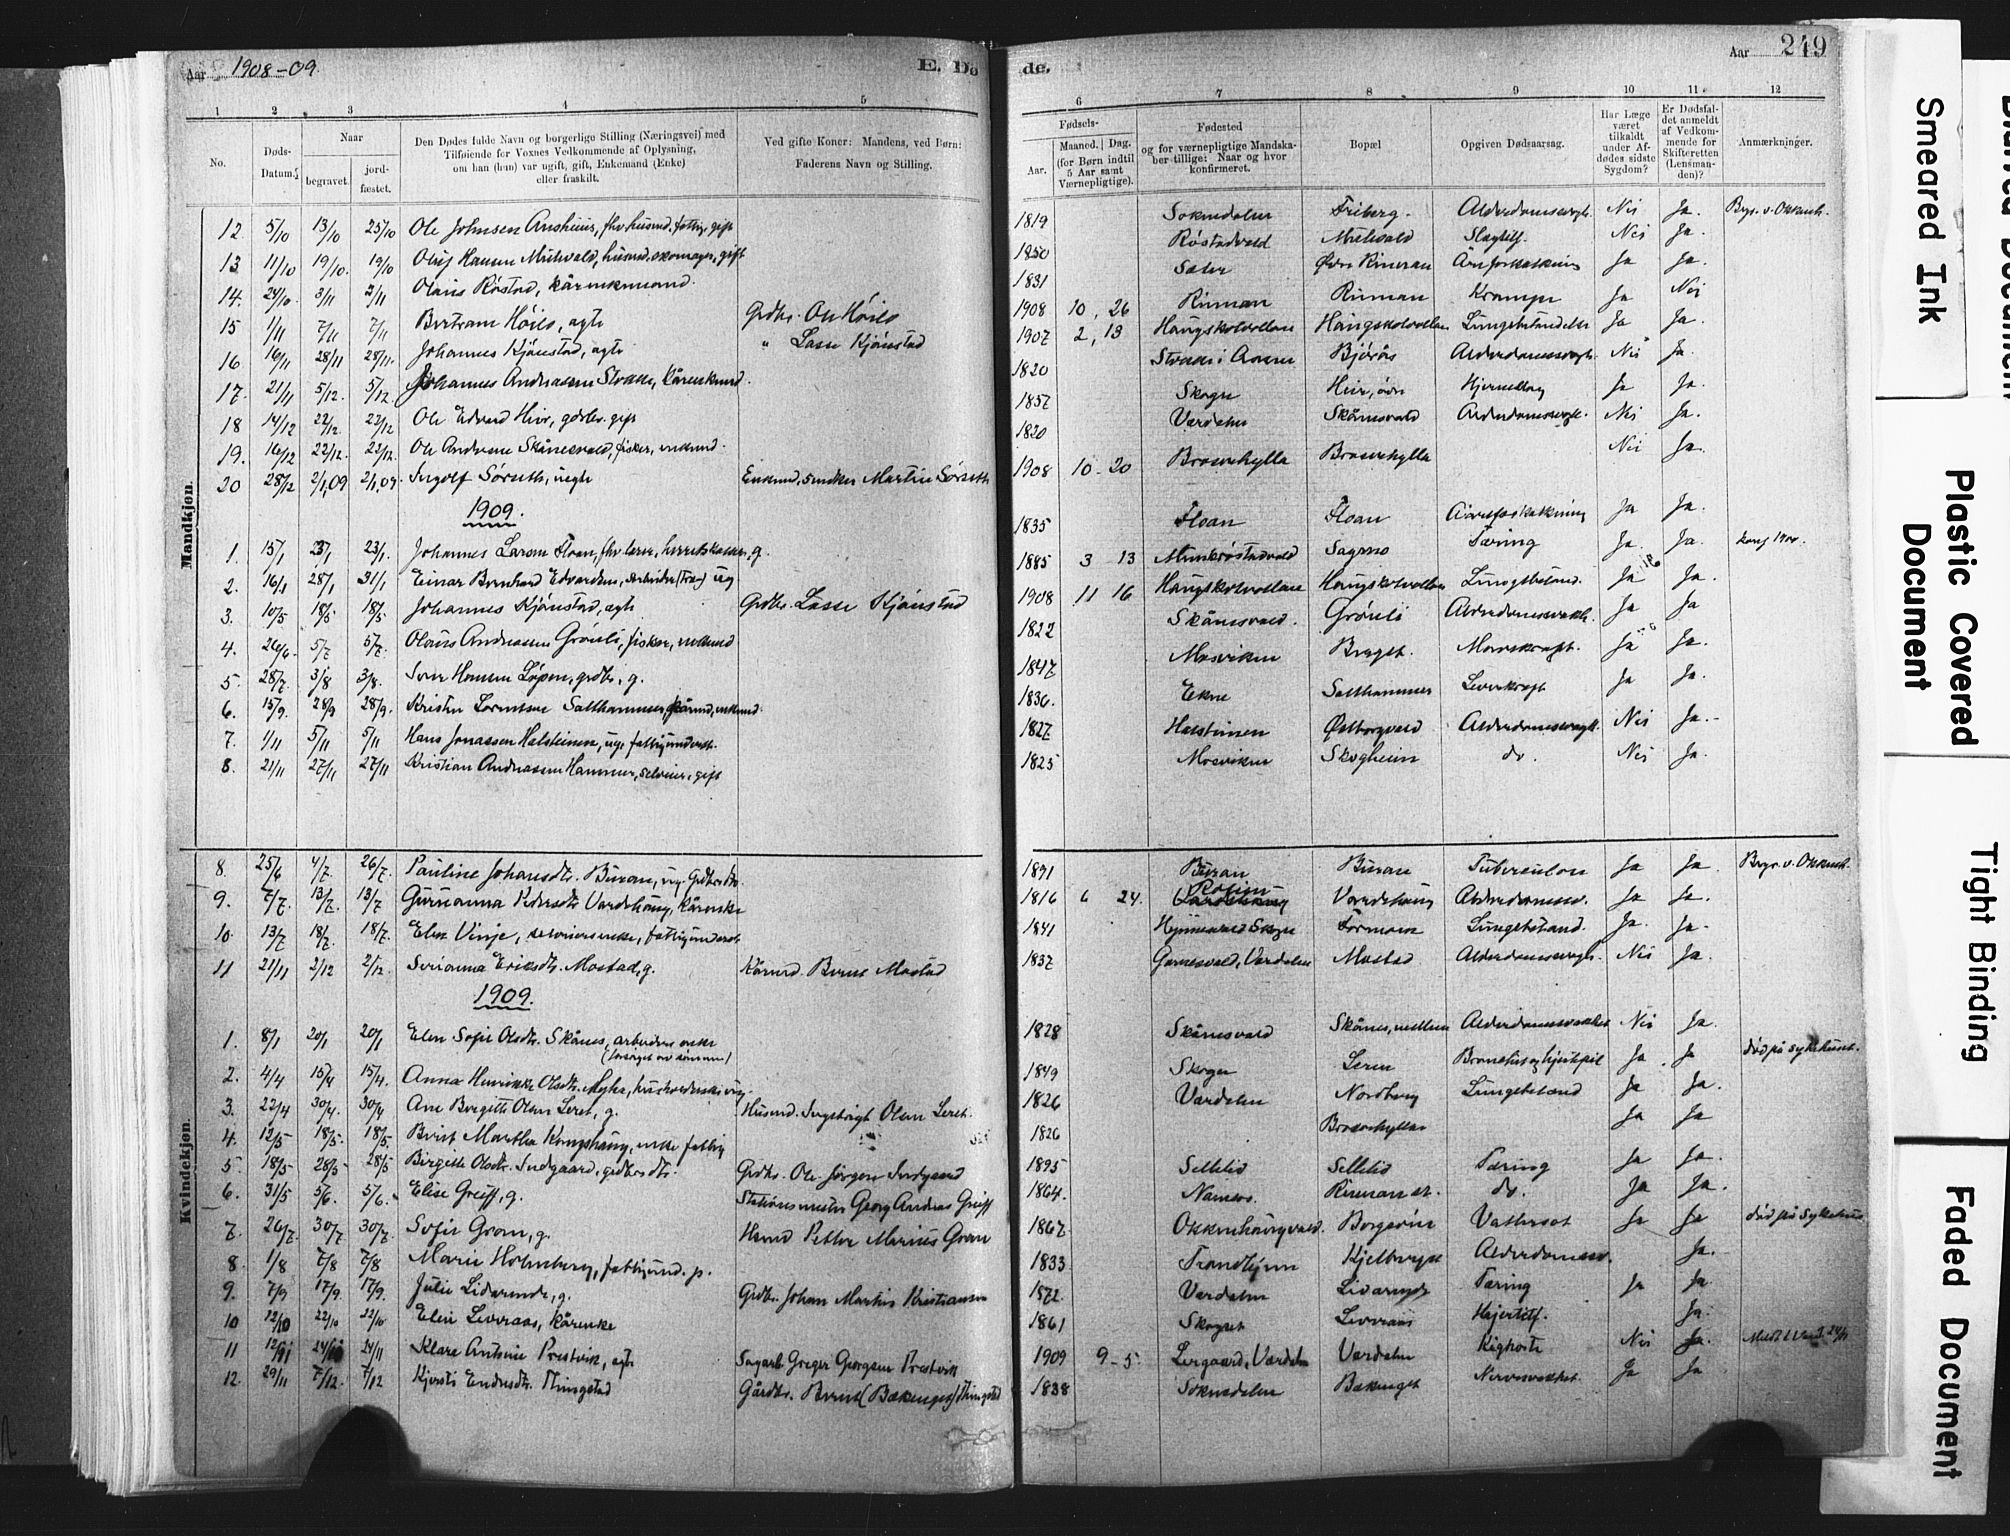 SAT, Ministerialprotokoller, klokkerbøker og fødselsregistre - Nord-Trøndelag, 721/L0207: Ministerialbok nr. 721A02, 1880-1911, s. 249